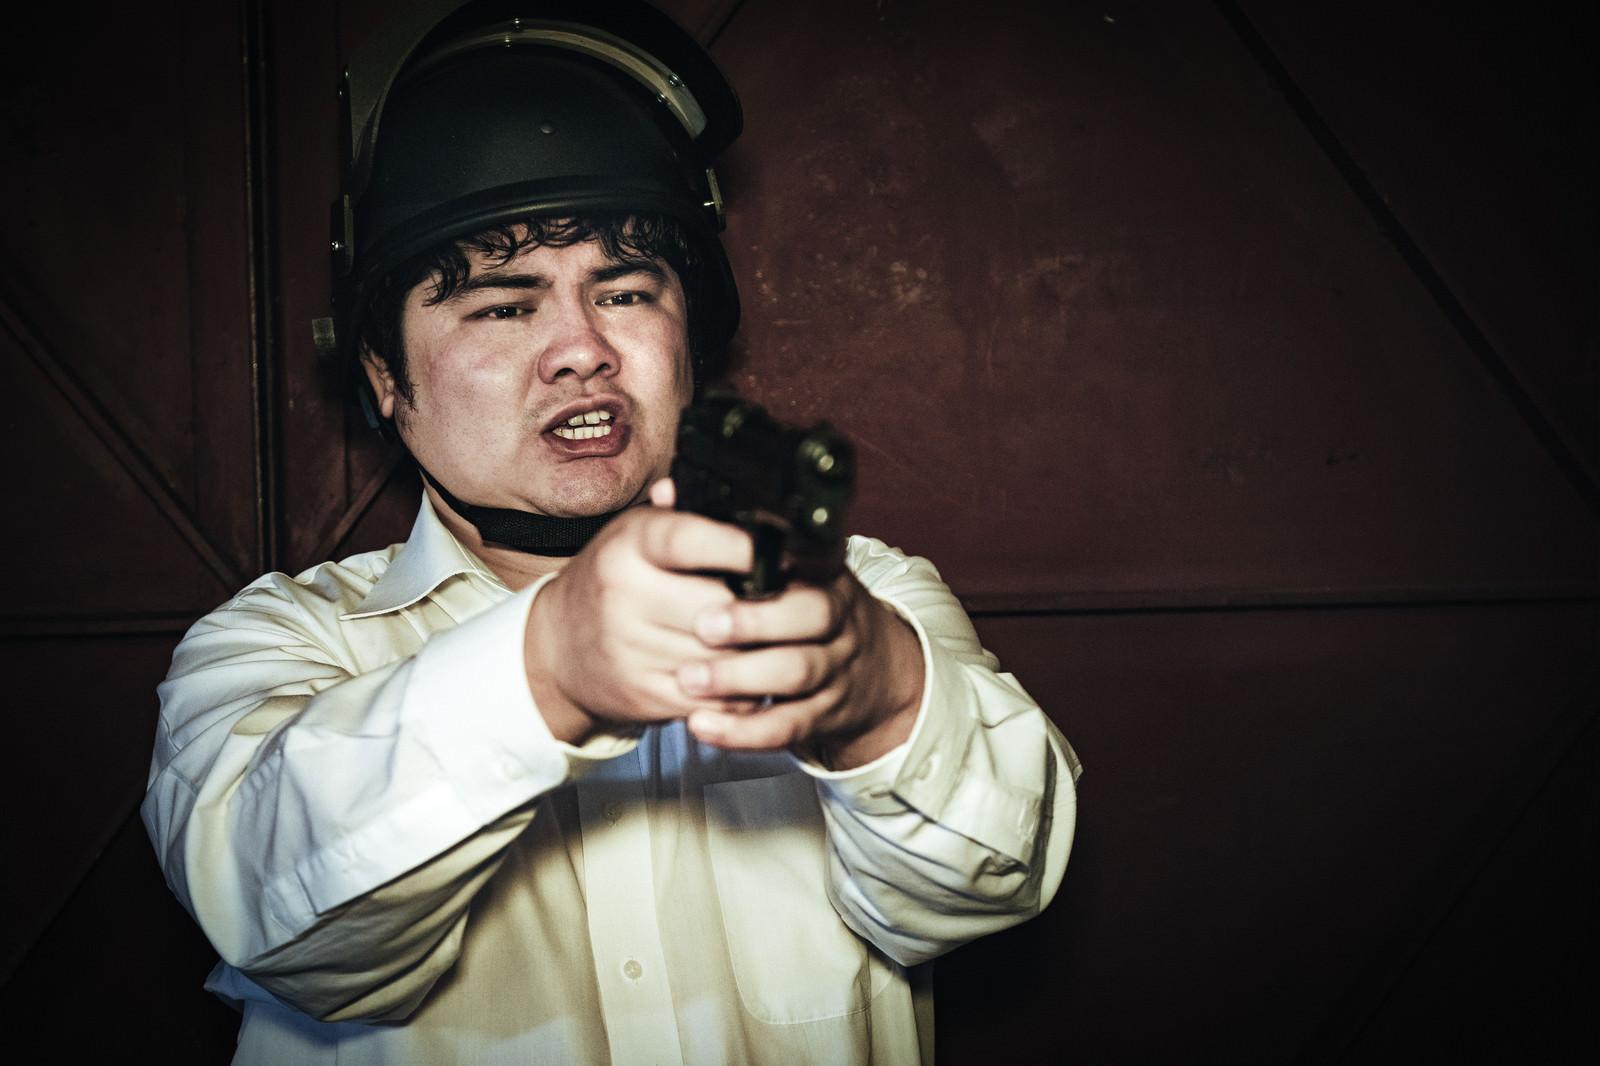 「対峙した瞬間、慌てて拳銃を構えてしまう荒野初心者」の写真[モデル:段田隼人]